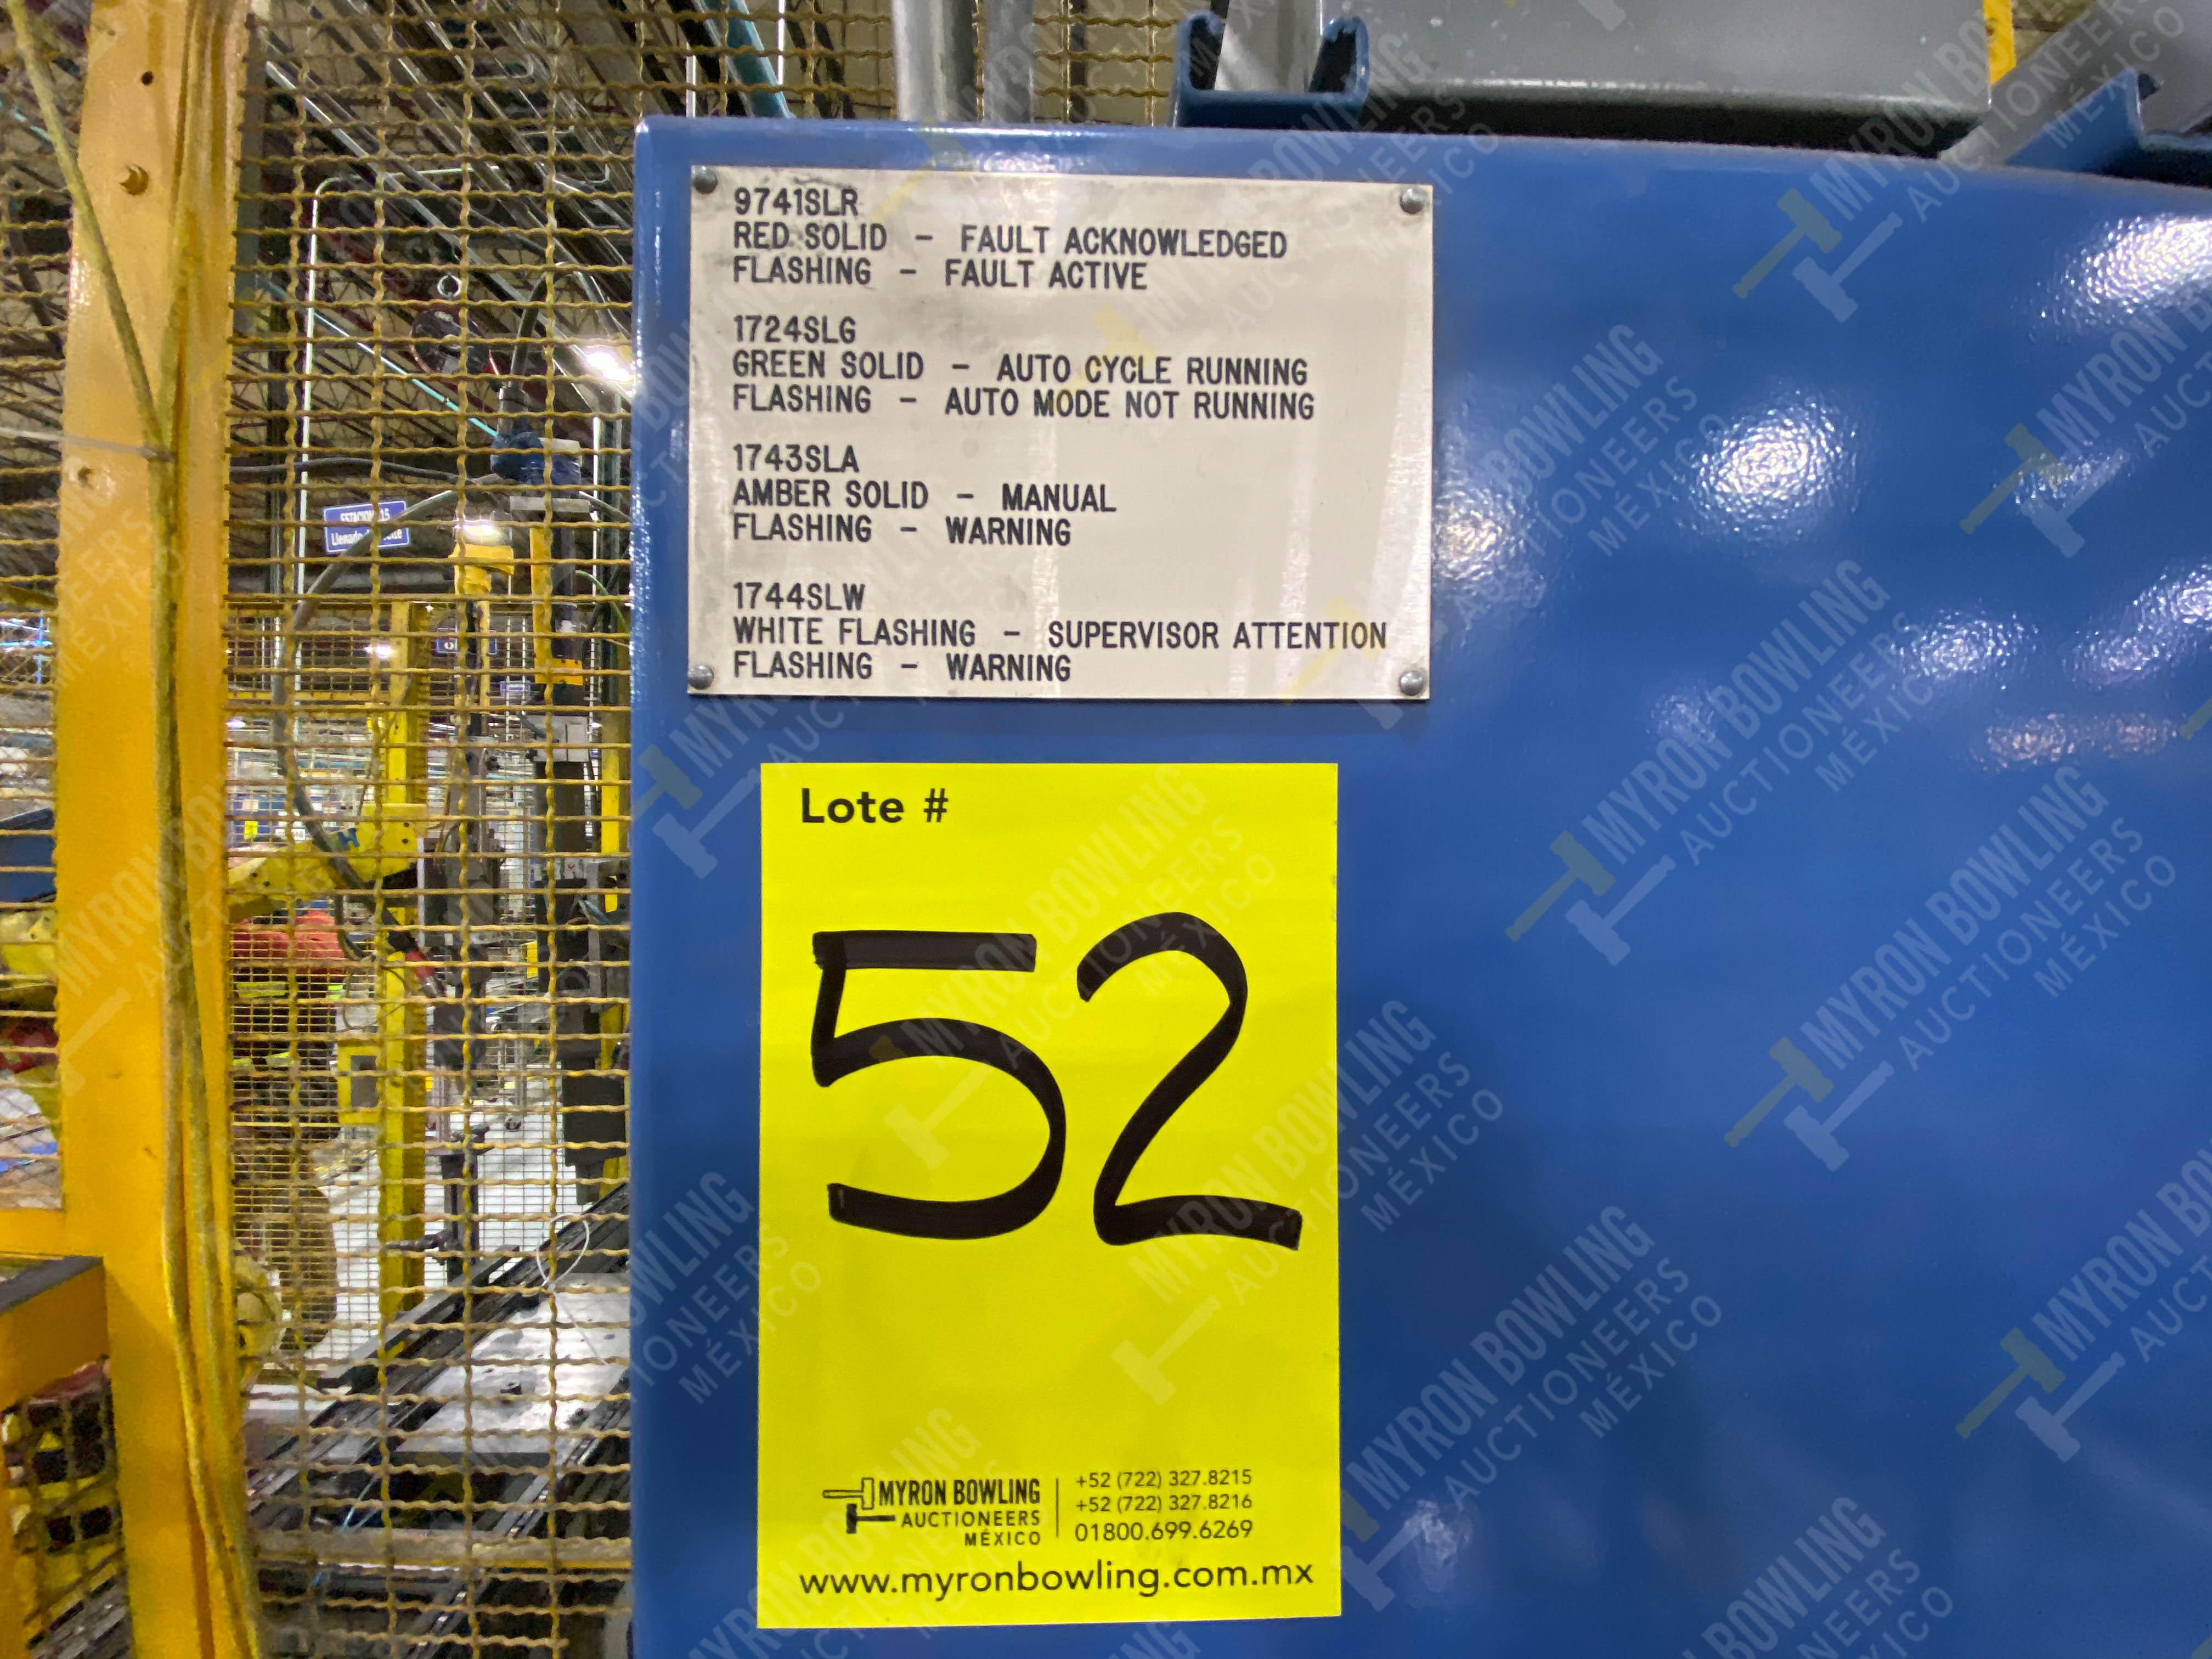 Dos tableros eléctricos de distribución de 480 V. - Image 11 of 12